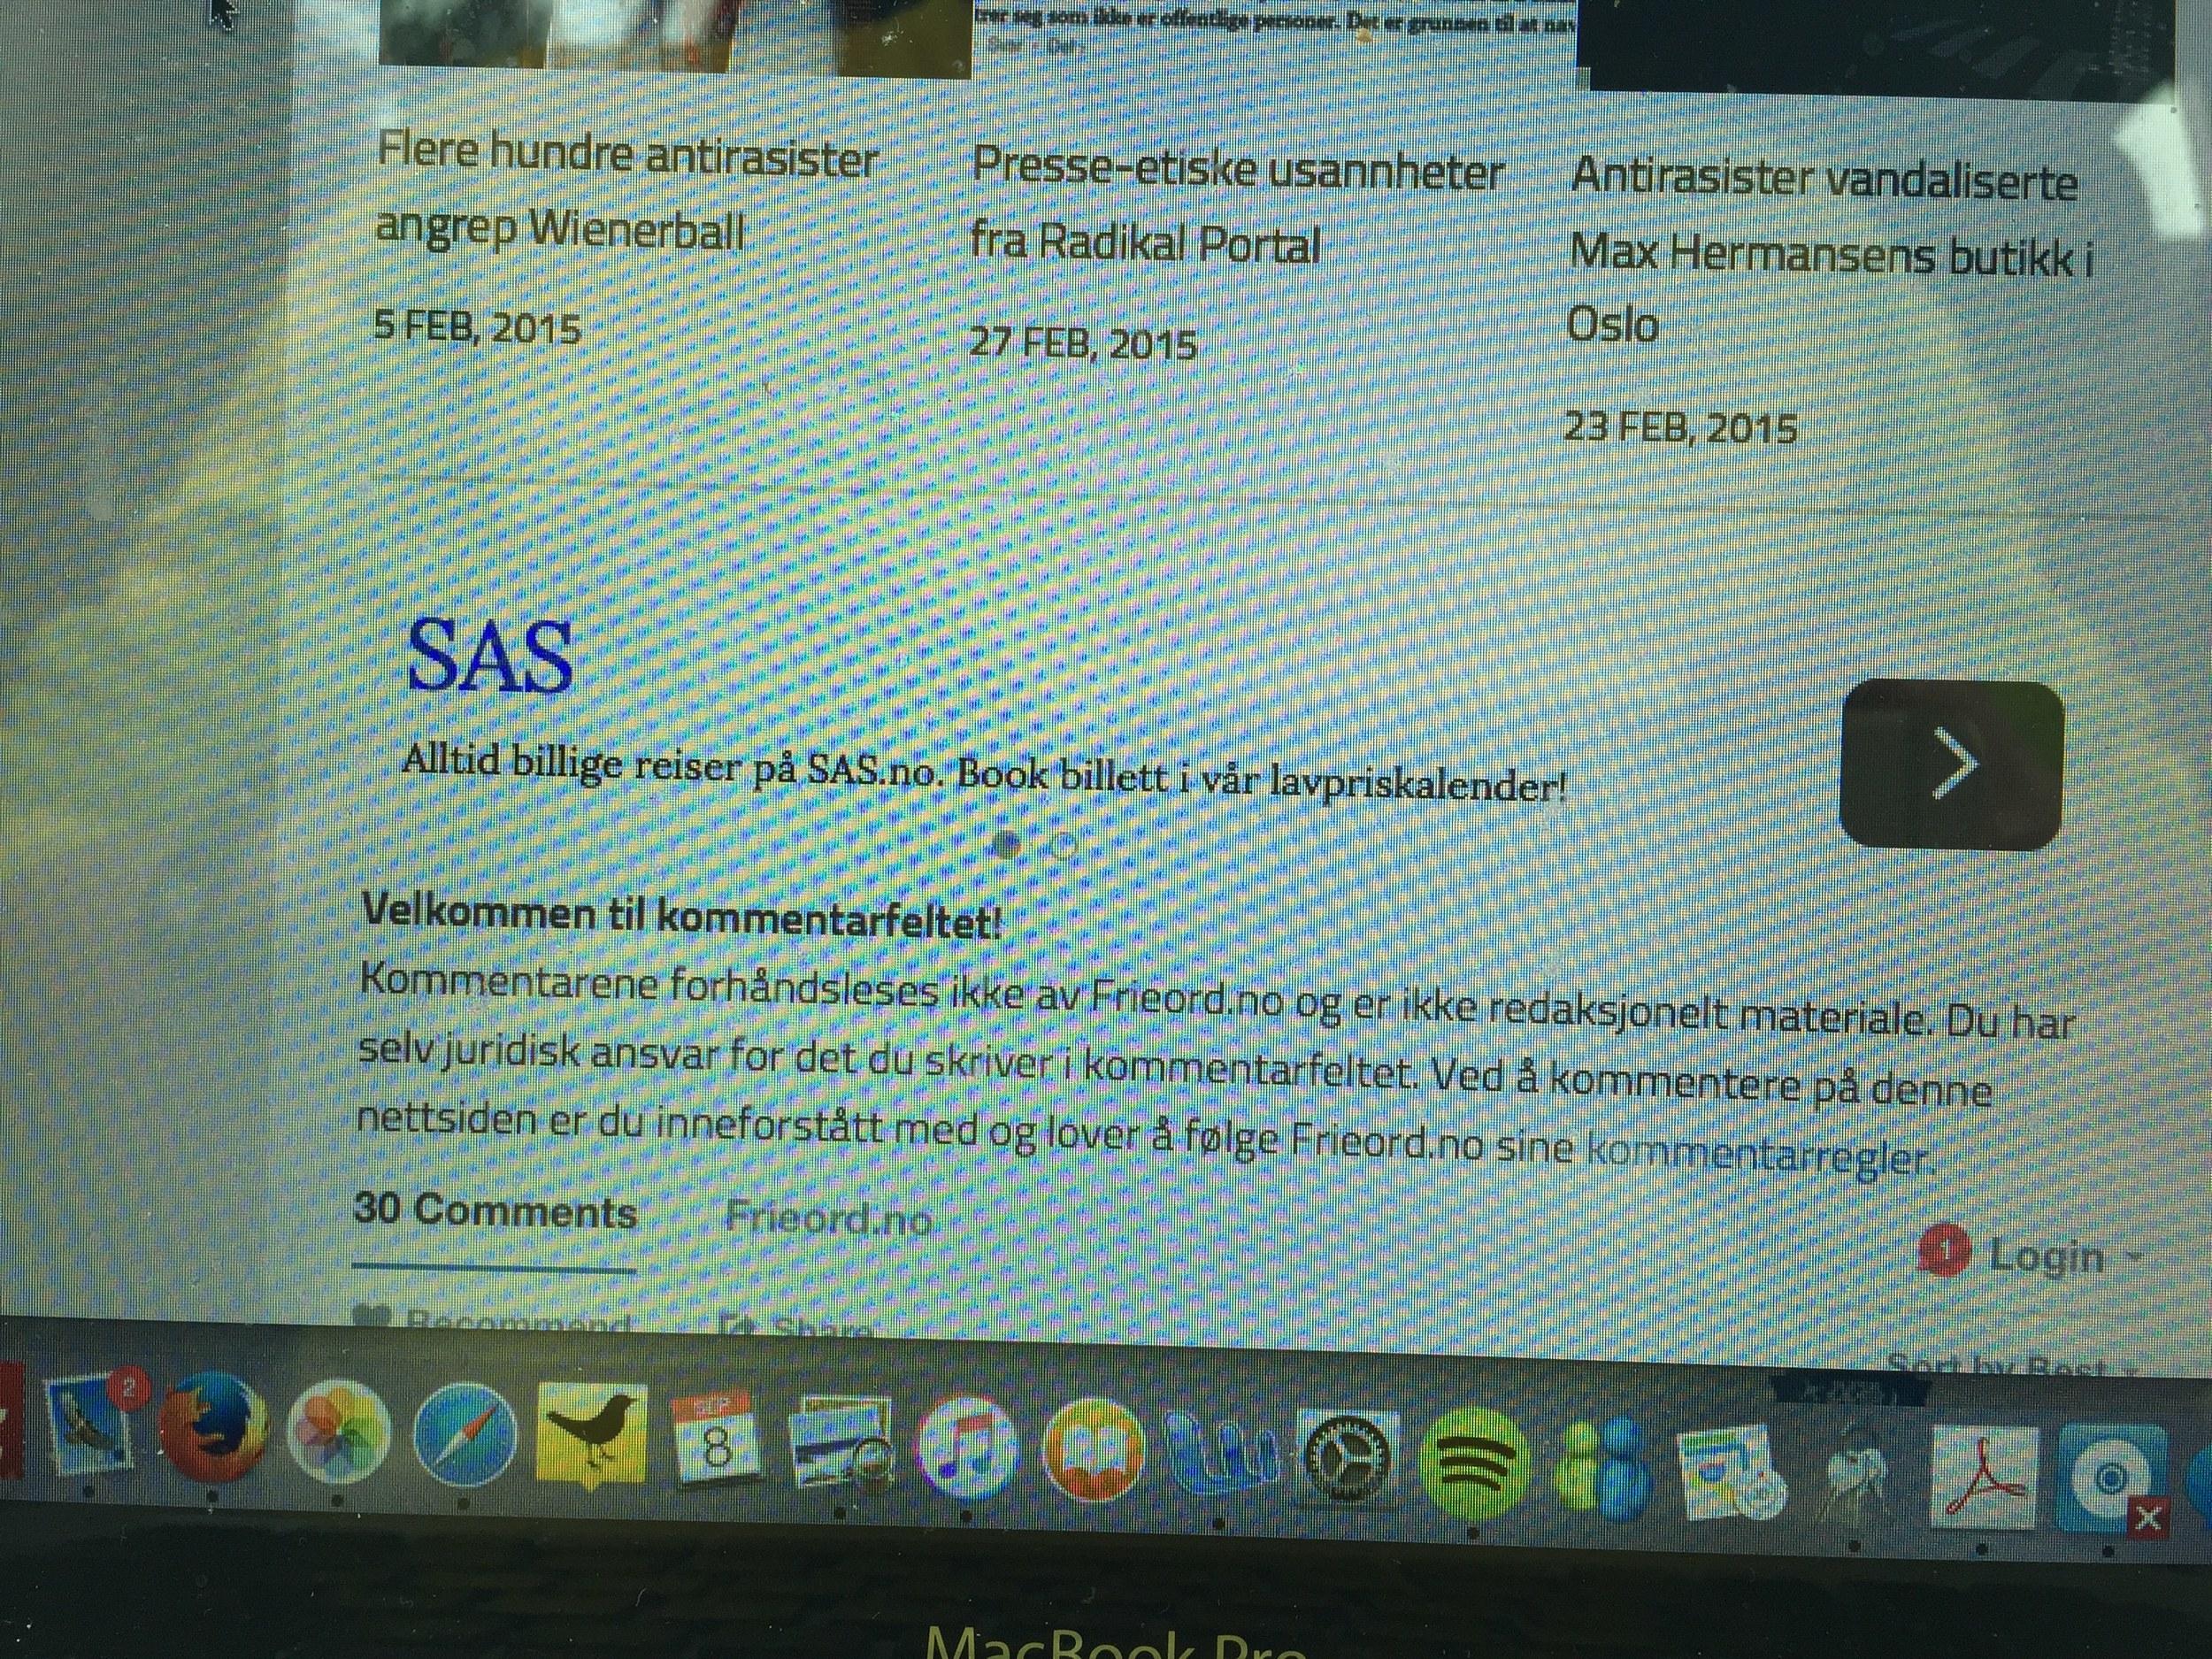 Denne annonsen fra SAS er fjernet fra nettsiden.